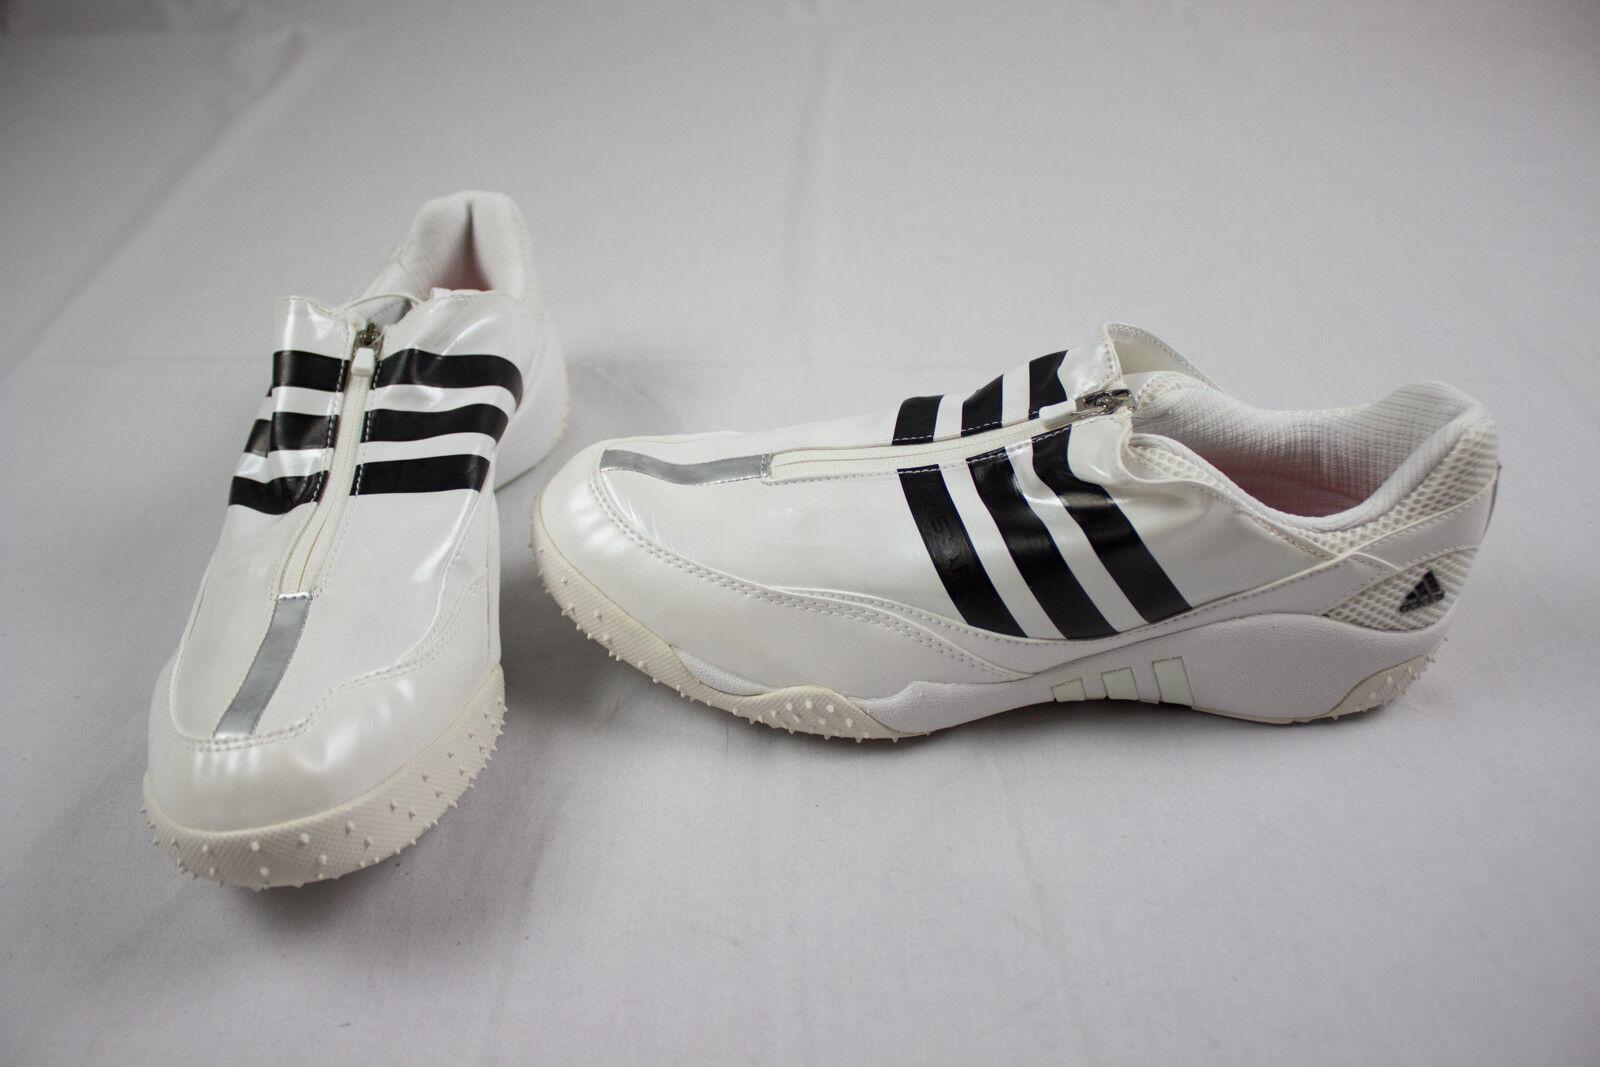 Nuove adidas bhj   bianco, croce di formazione (uomini di dimensioni multiple) | Di Prima Qualità  | Scolaro/Signora Scarpa